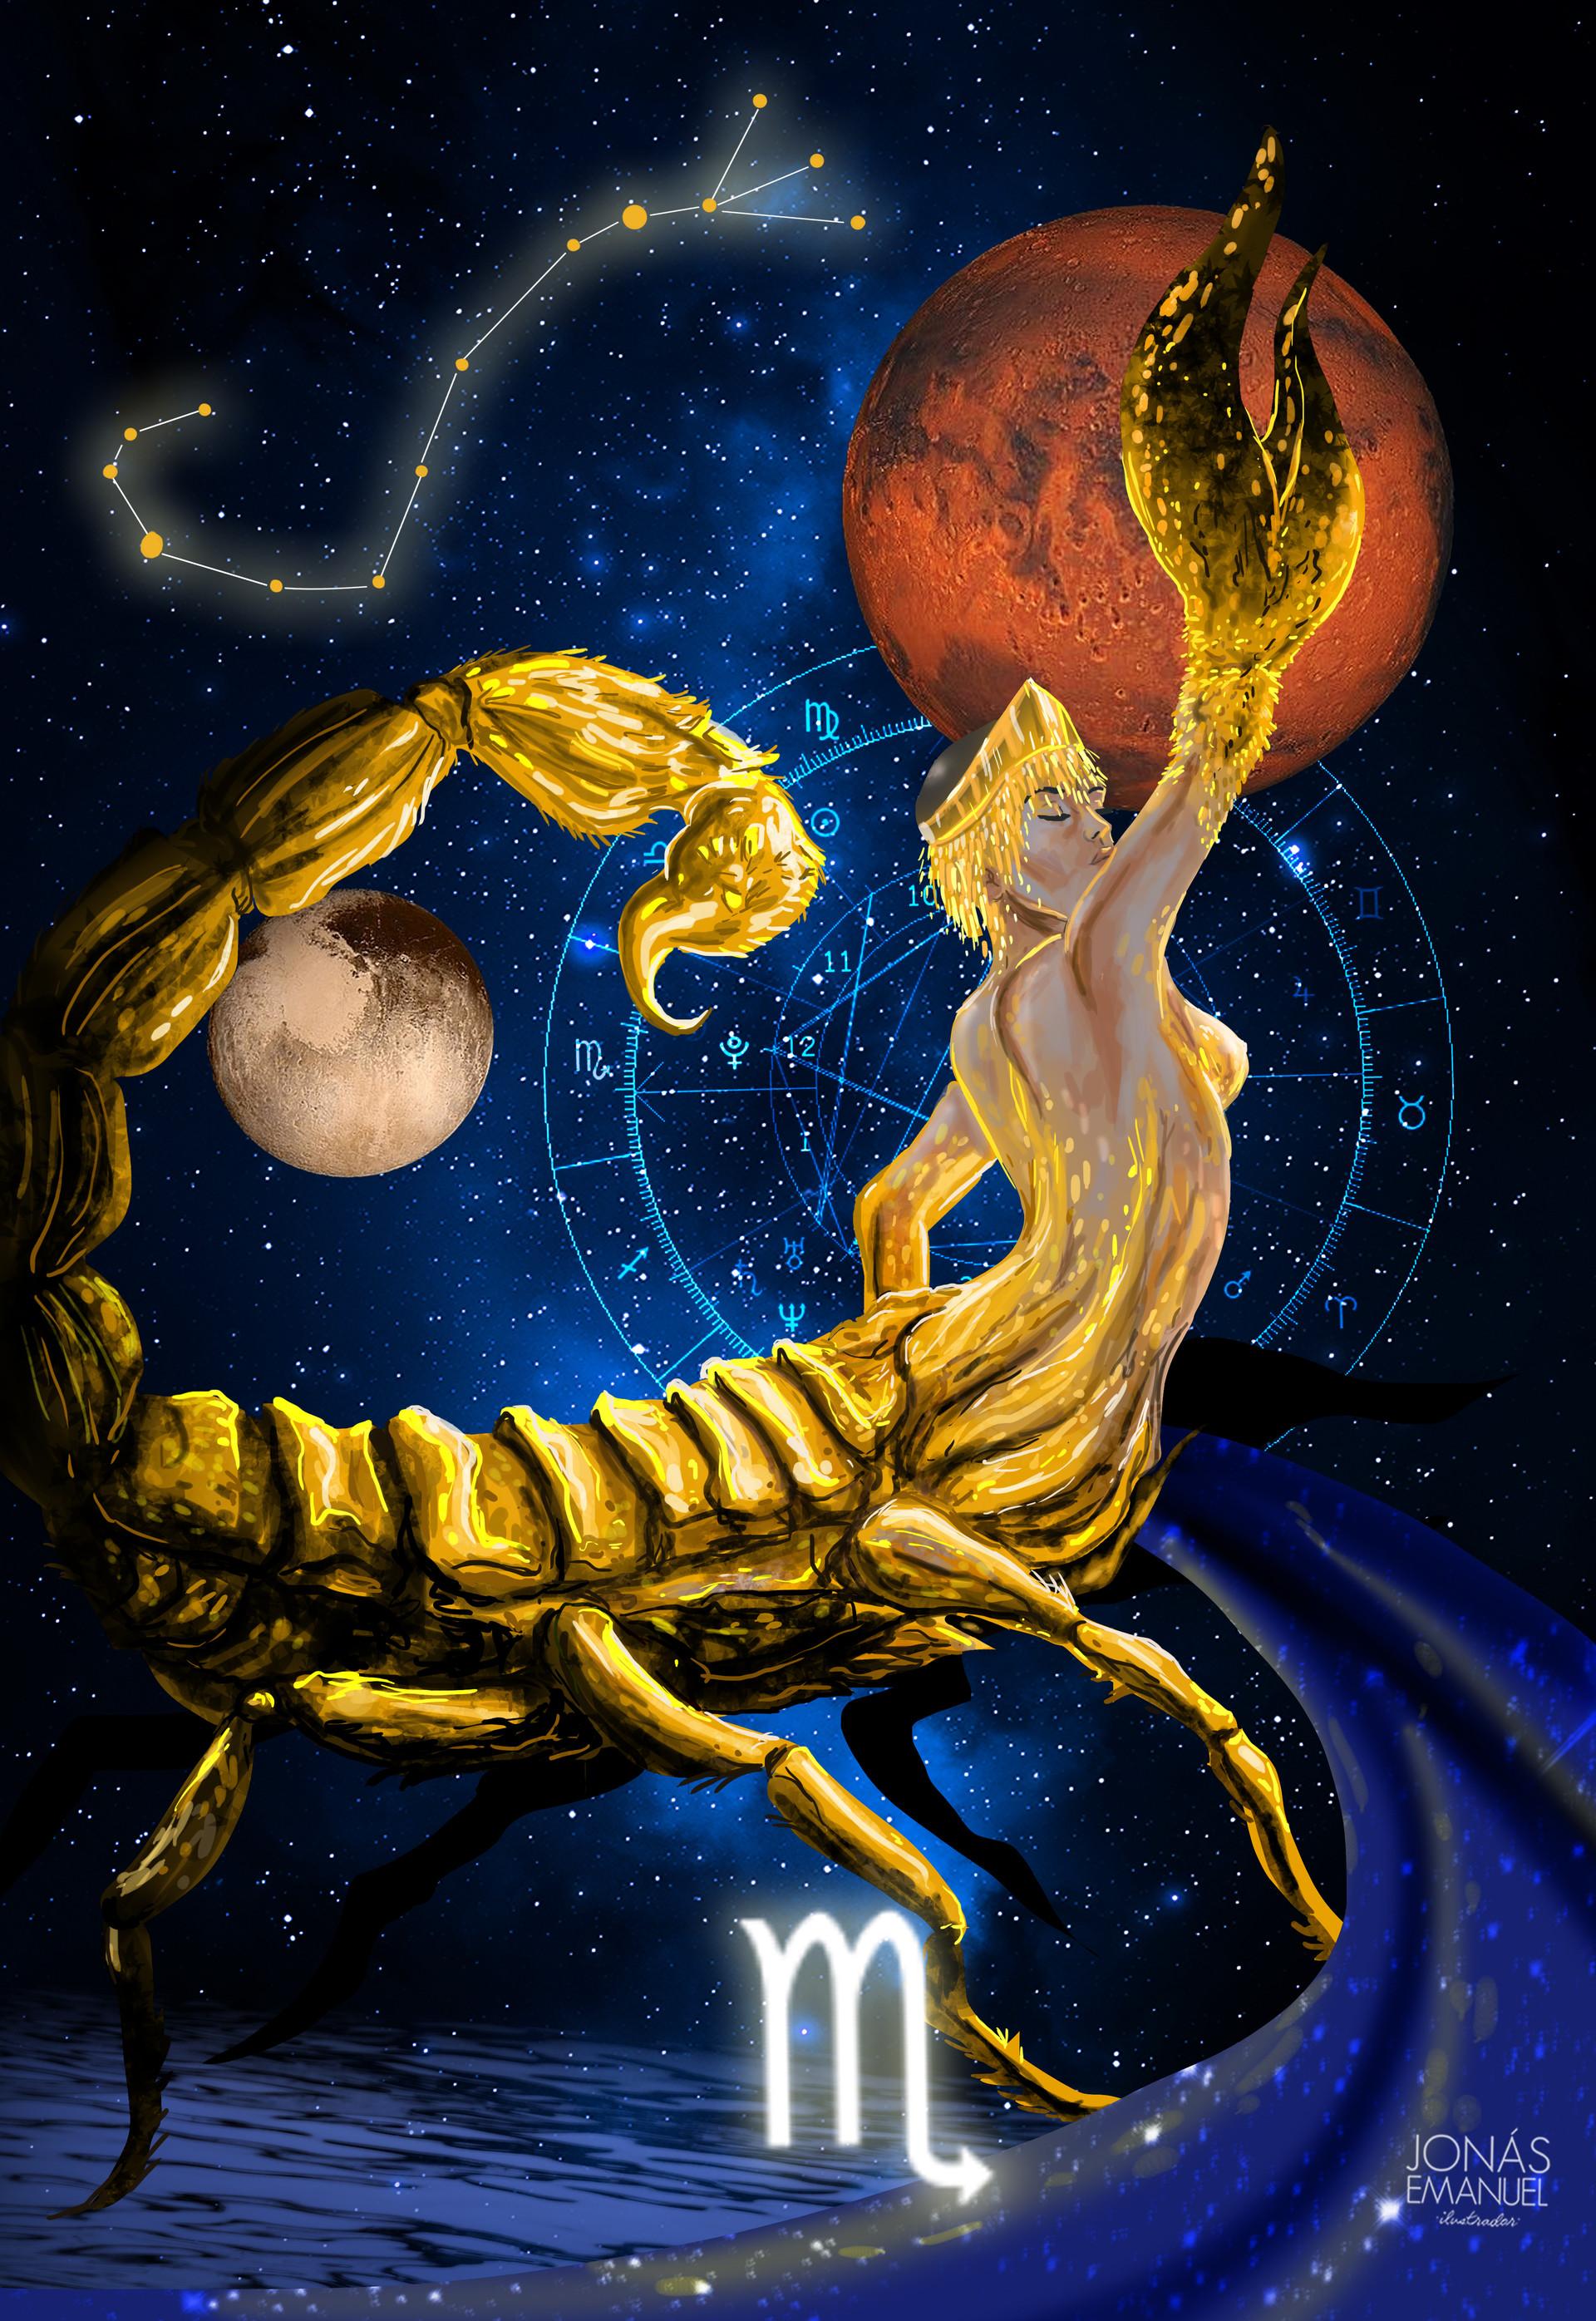 каждым красивая картинка скорпиона знака зодиака что готов